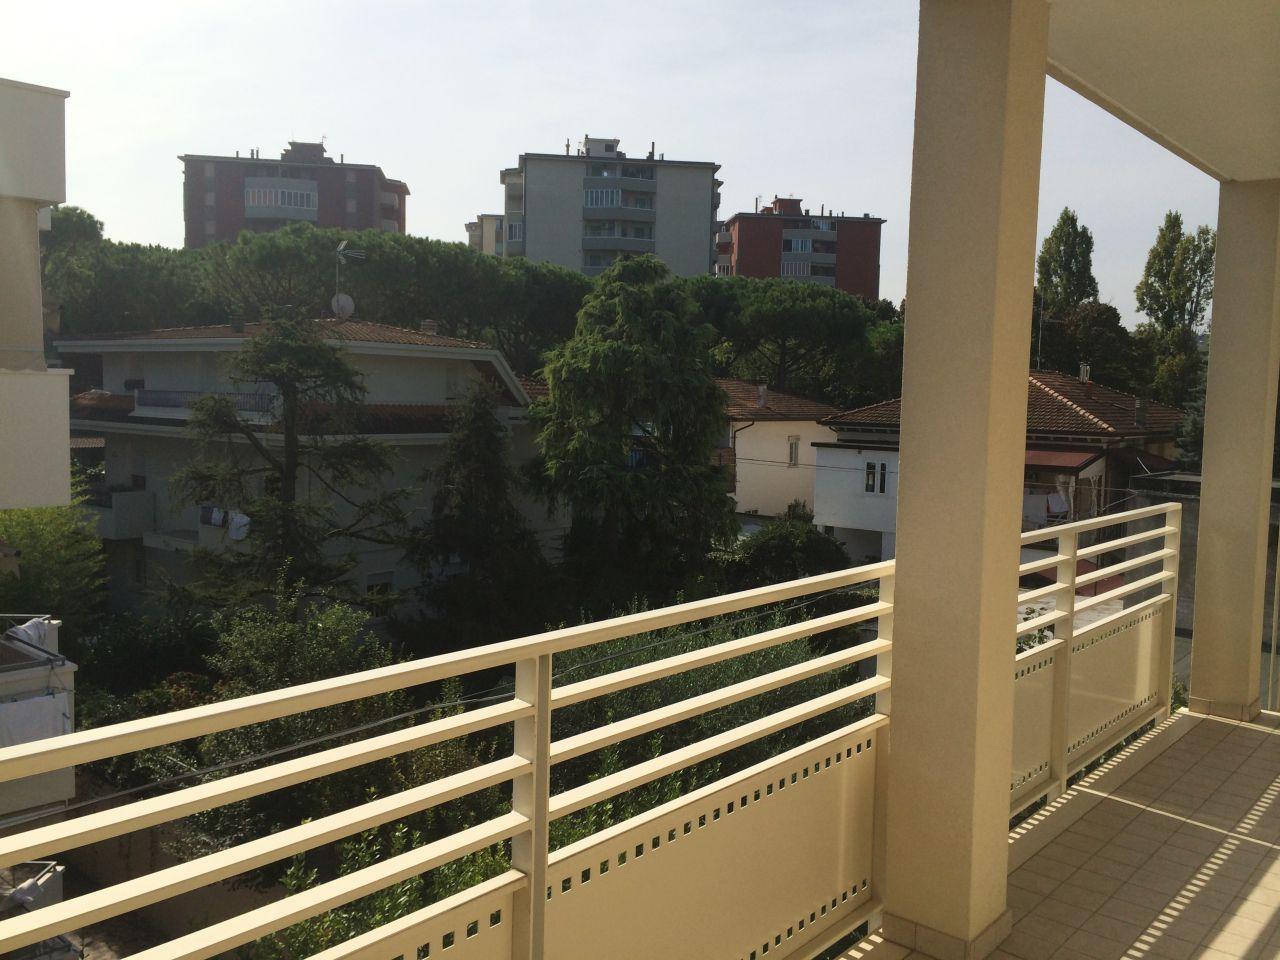 ATTICO DUPLEX: Abitazione 137 mq, Logge 19 mq, balcone 6 mq, Lastrico 42 mq. Soggiorno con angolo cottura, tre camere doppi servizi. Volendo garage, cantina o posto auto.